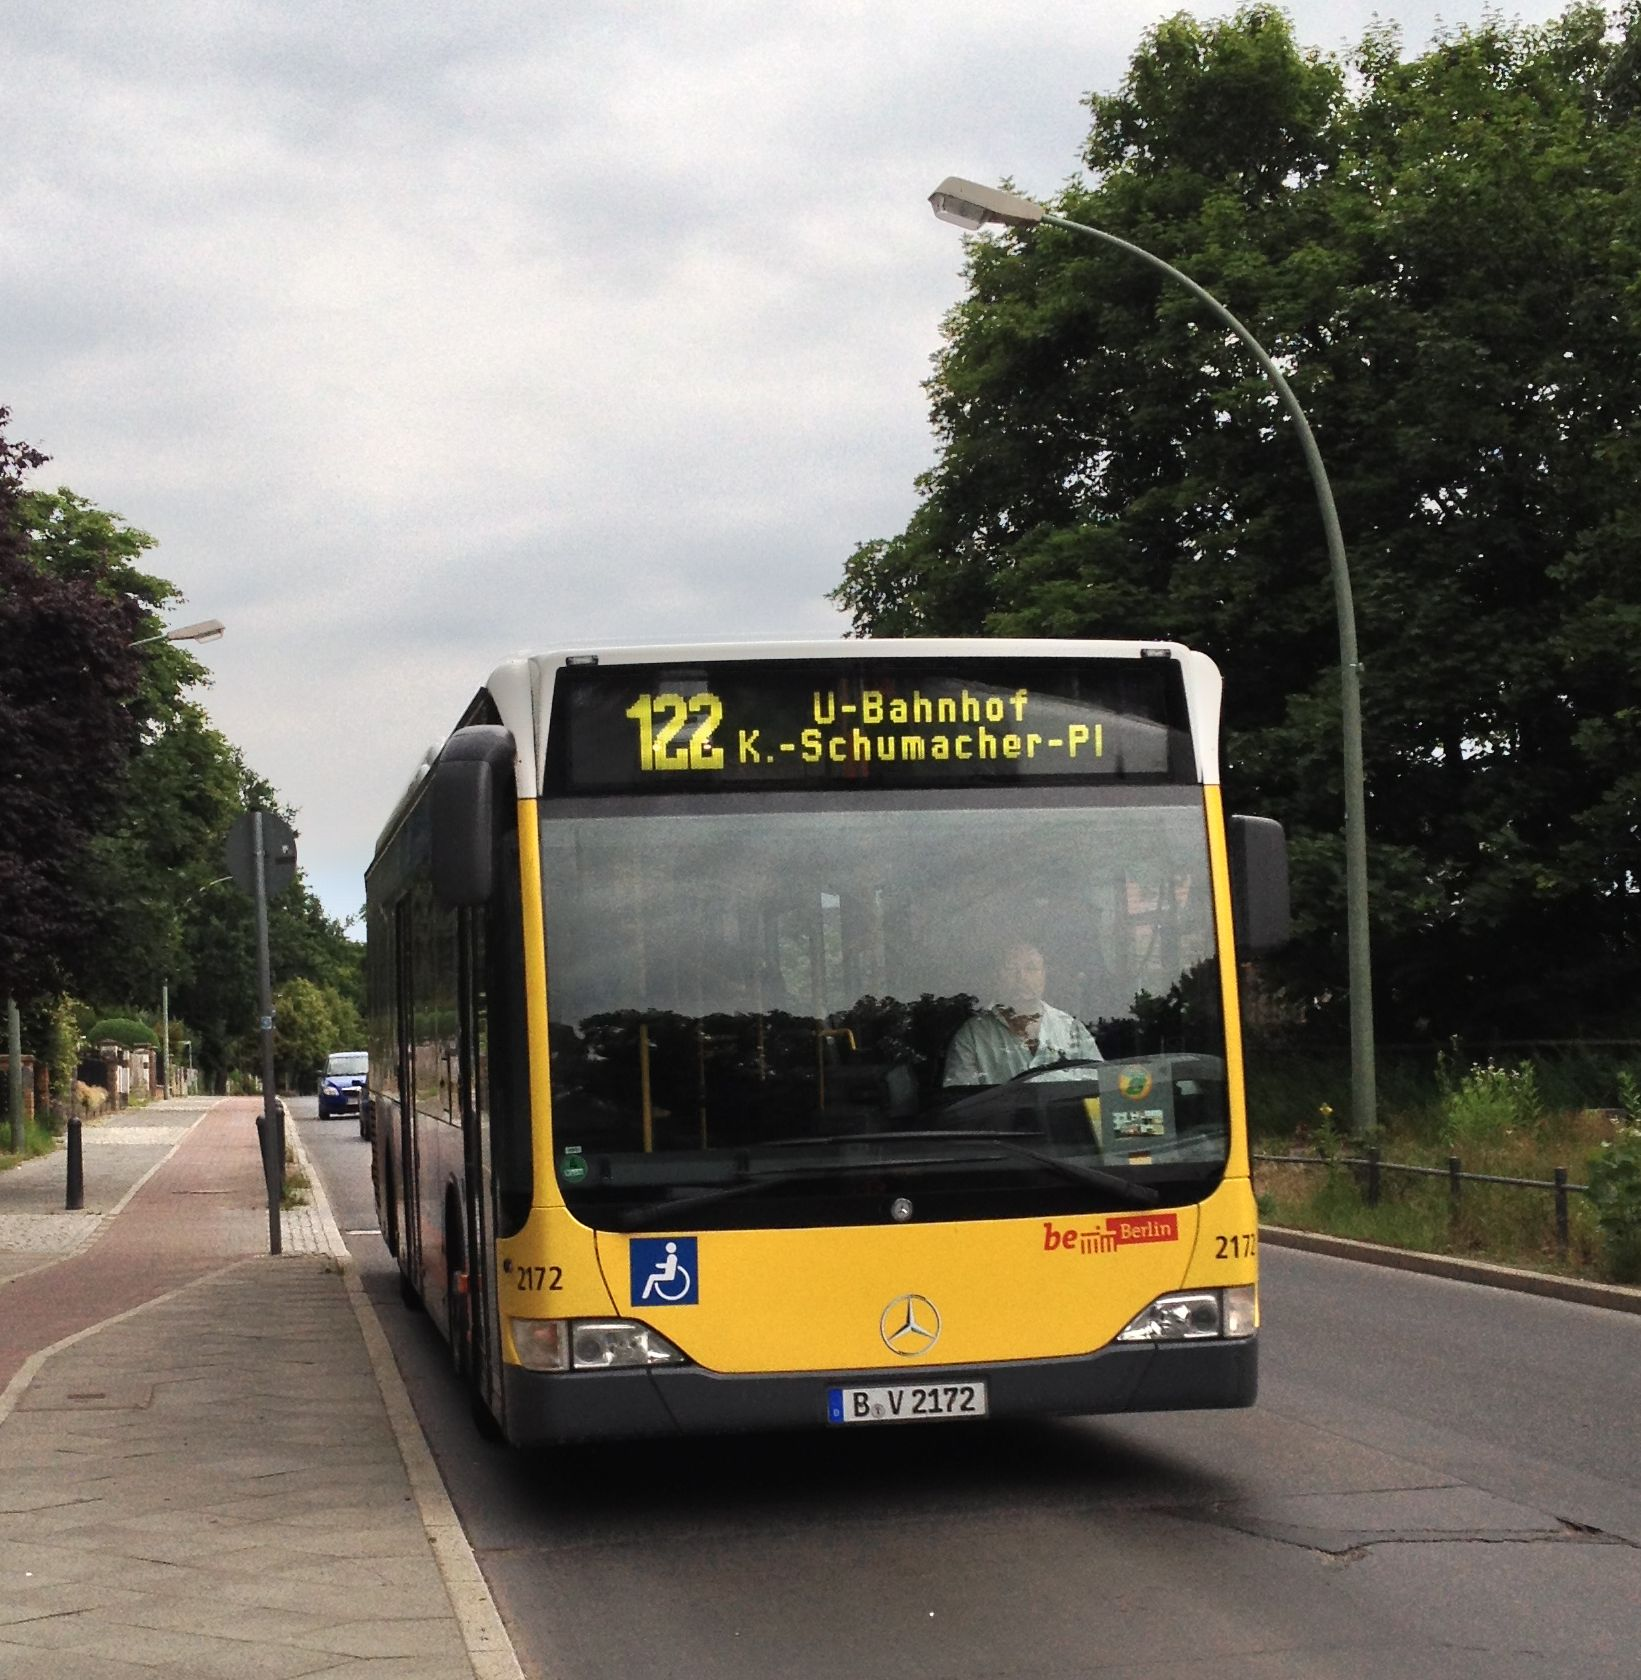 Bus 2172